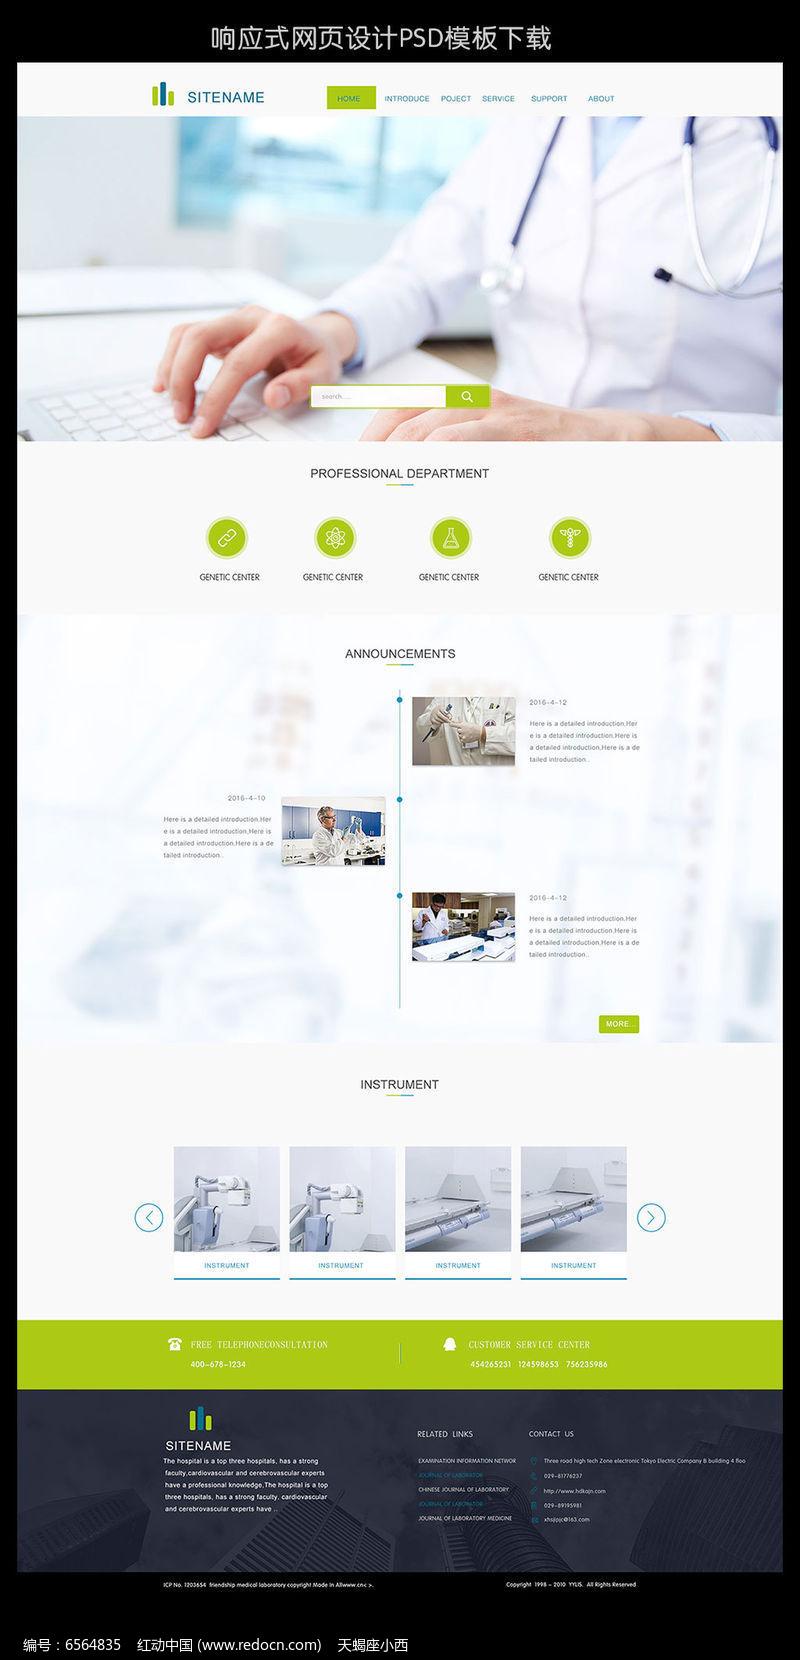 响应式扁平化创意网页设计图片